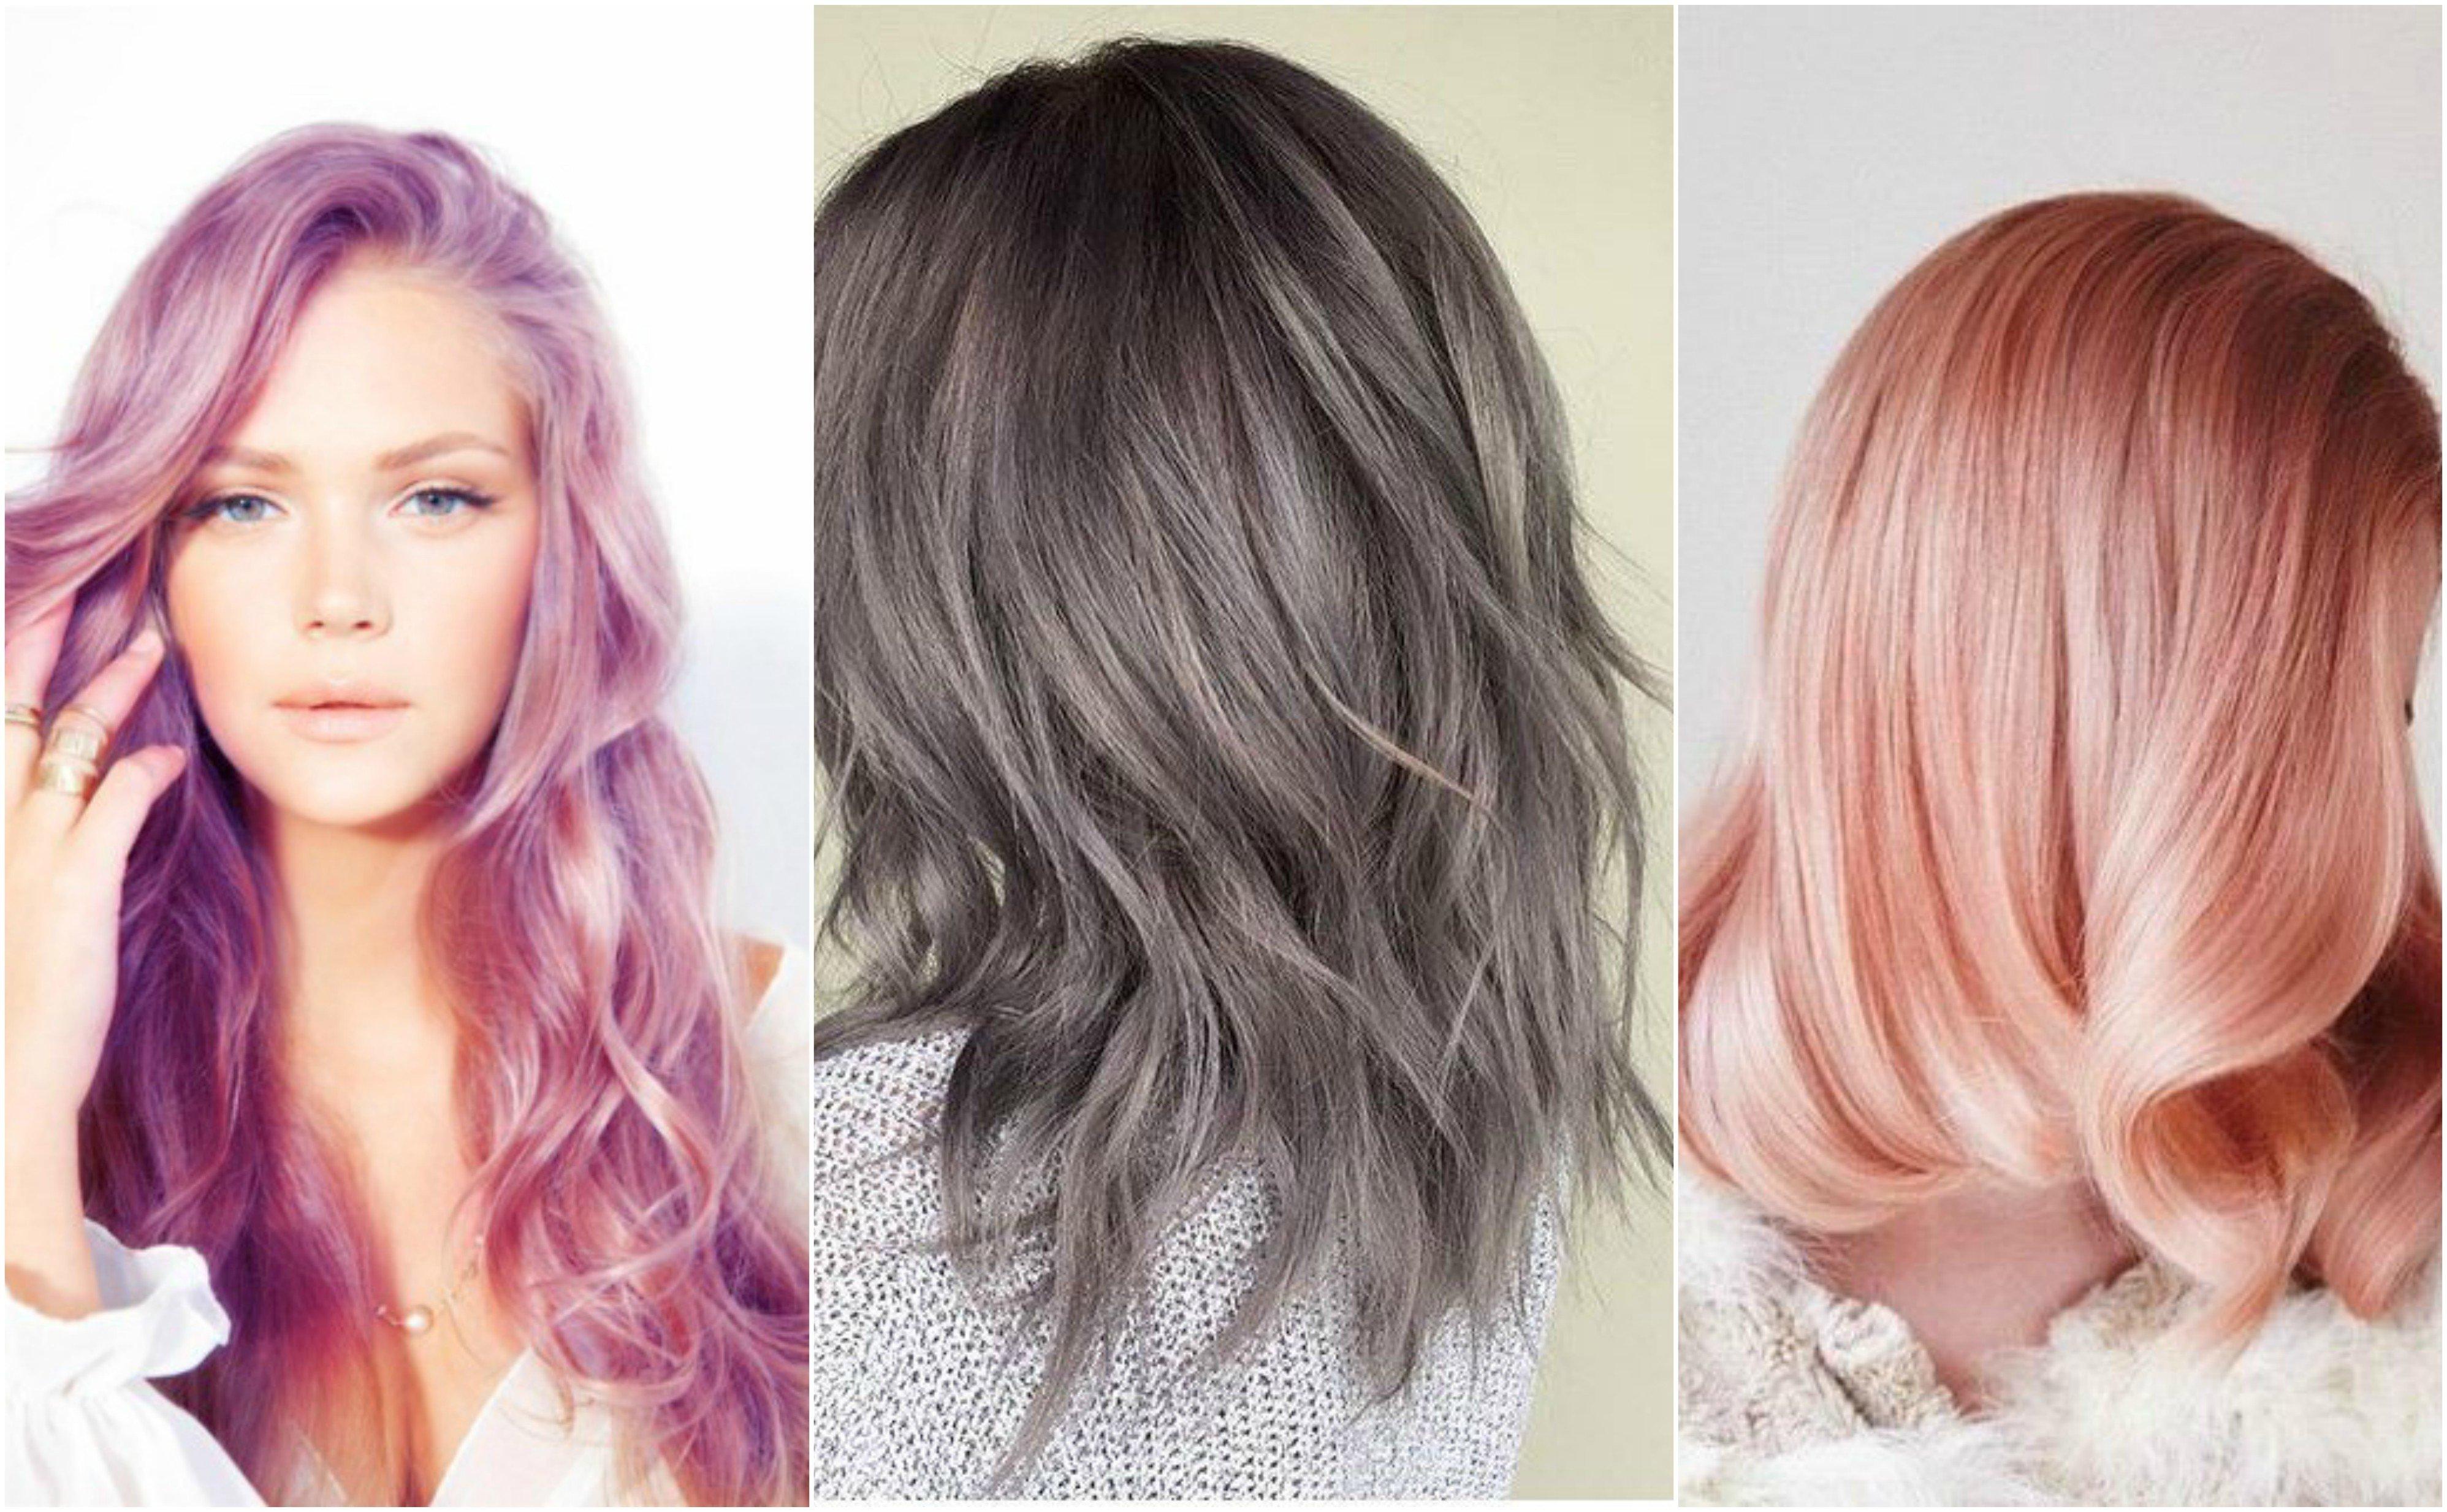 Violett, Silber oder Kupfer - welche metallische Farbe passt zu Ihnen?